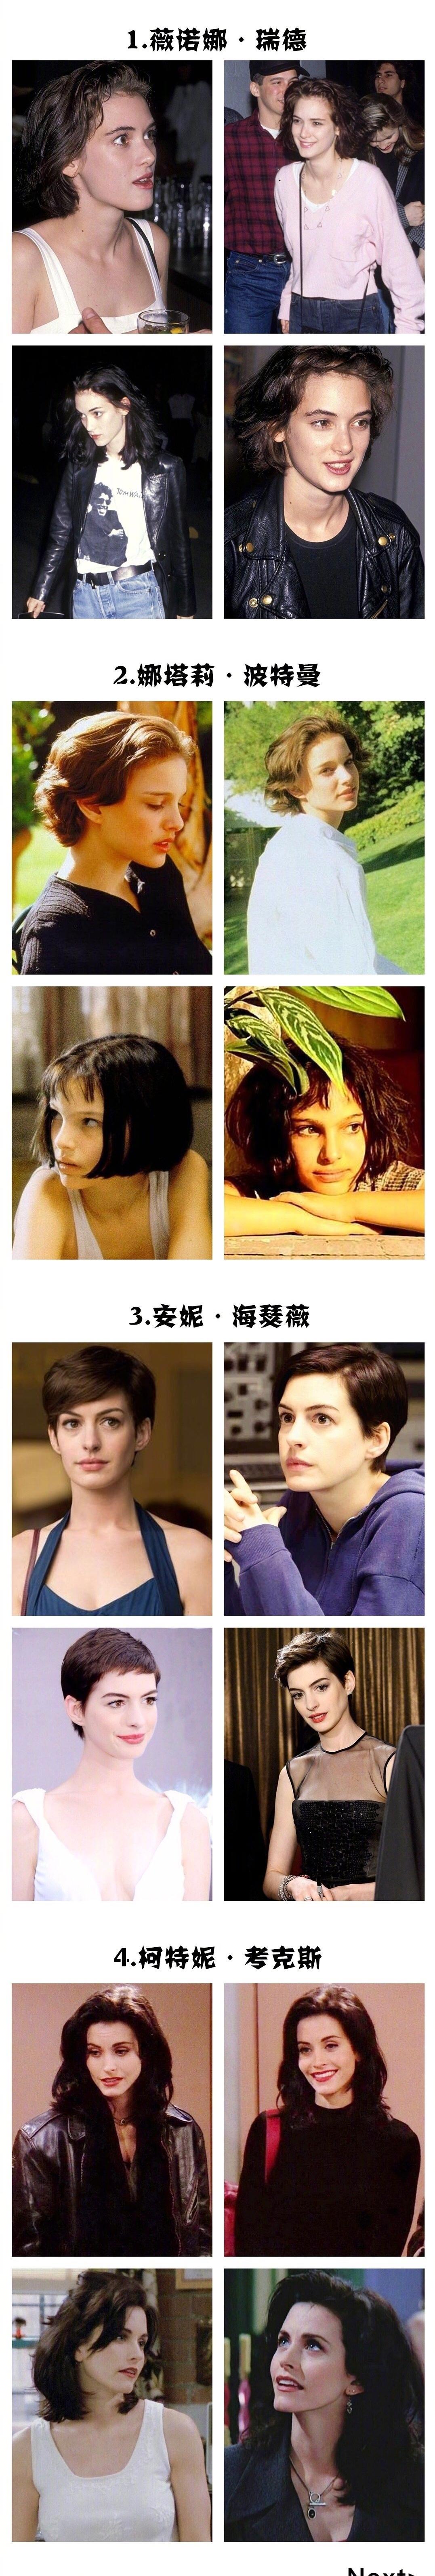 中/日/韩/美32位短发女艺人的不完全汇总教科书式短发 总有一款短发